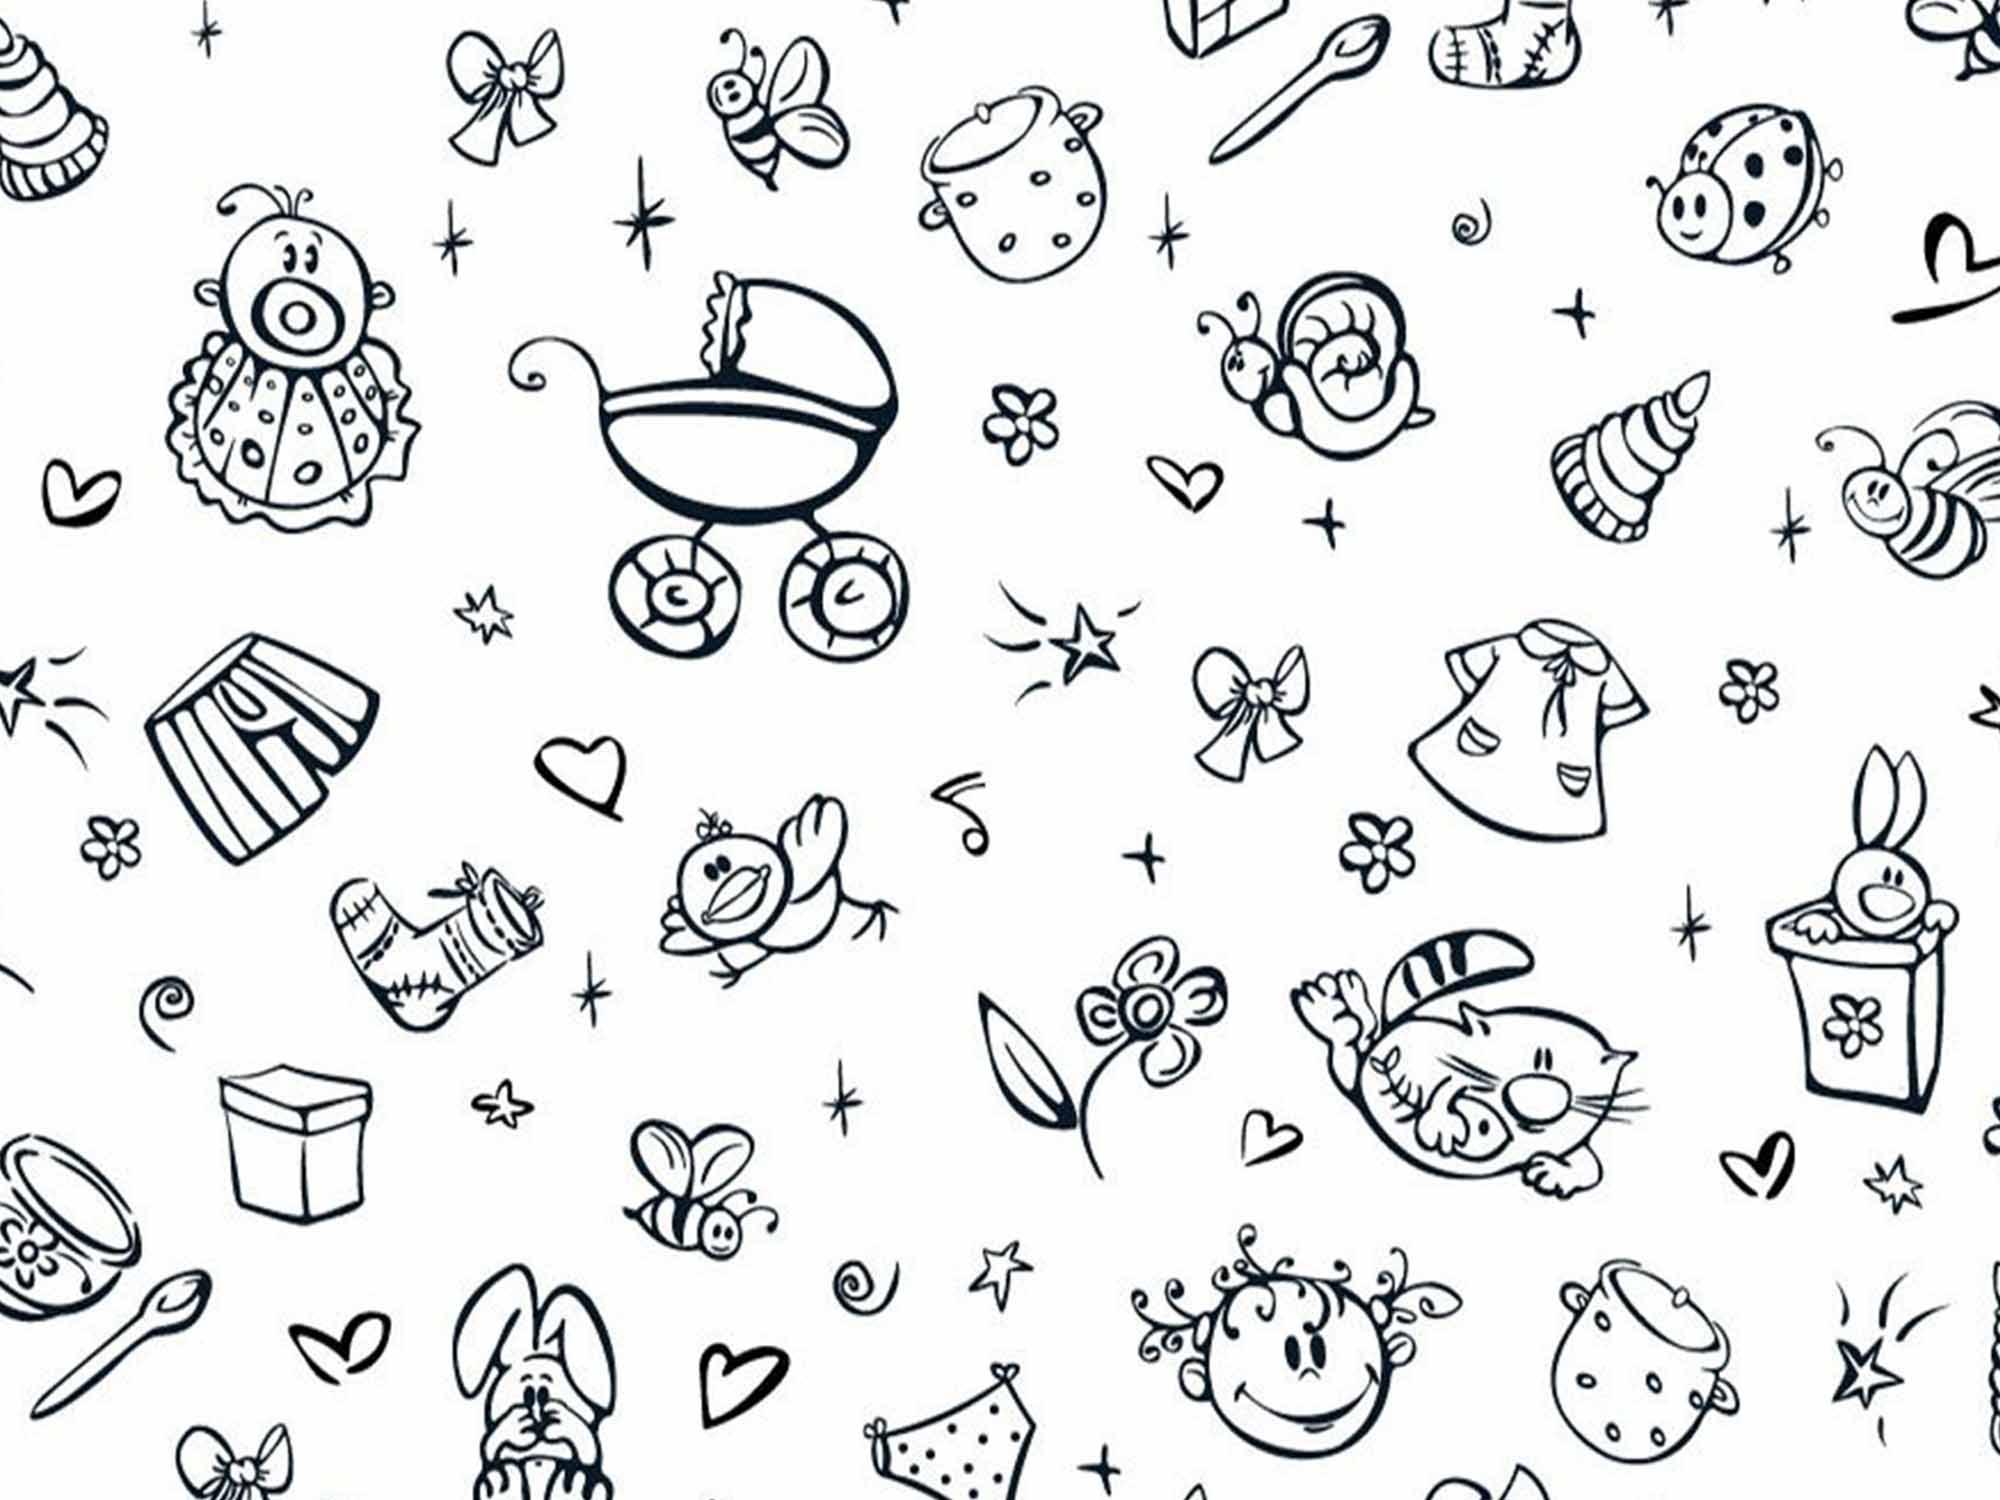 Papel de Parede para Quarto Infantil 0058 - Adesivos de Parede  - Paredes Decoradas